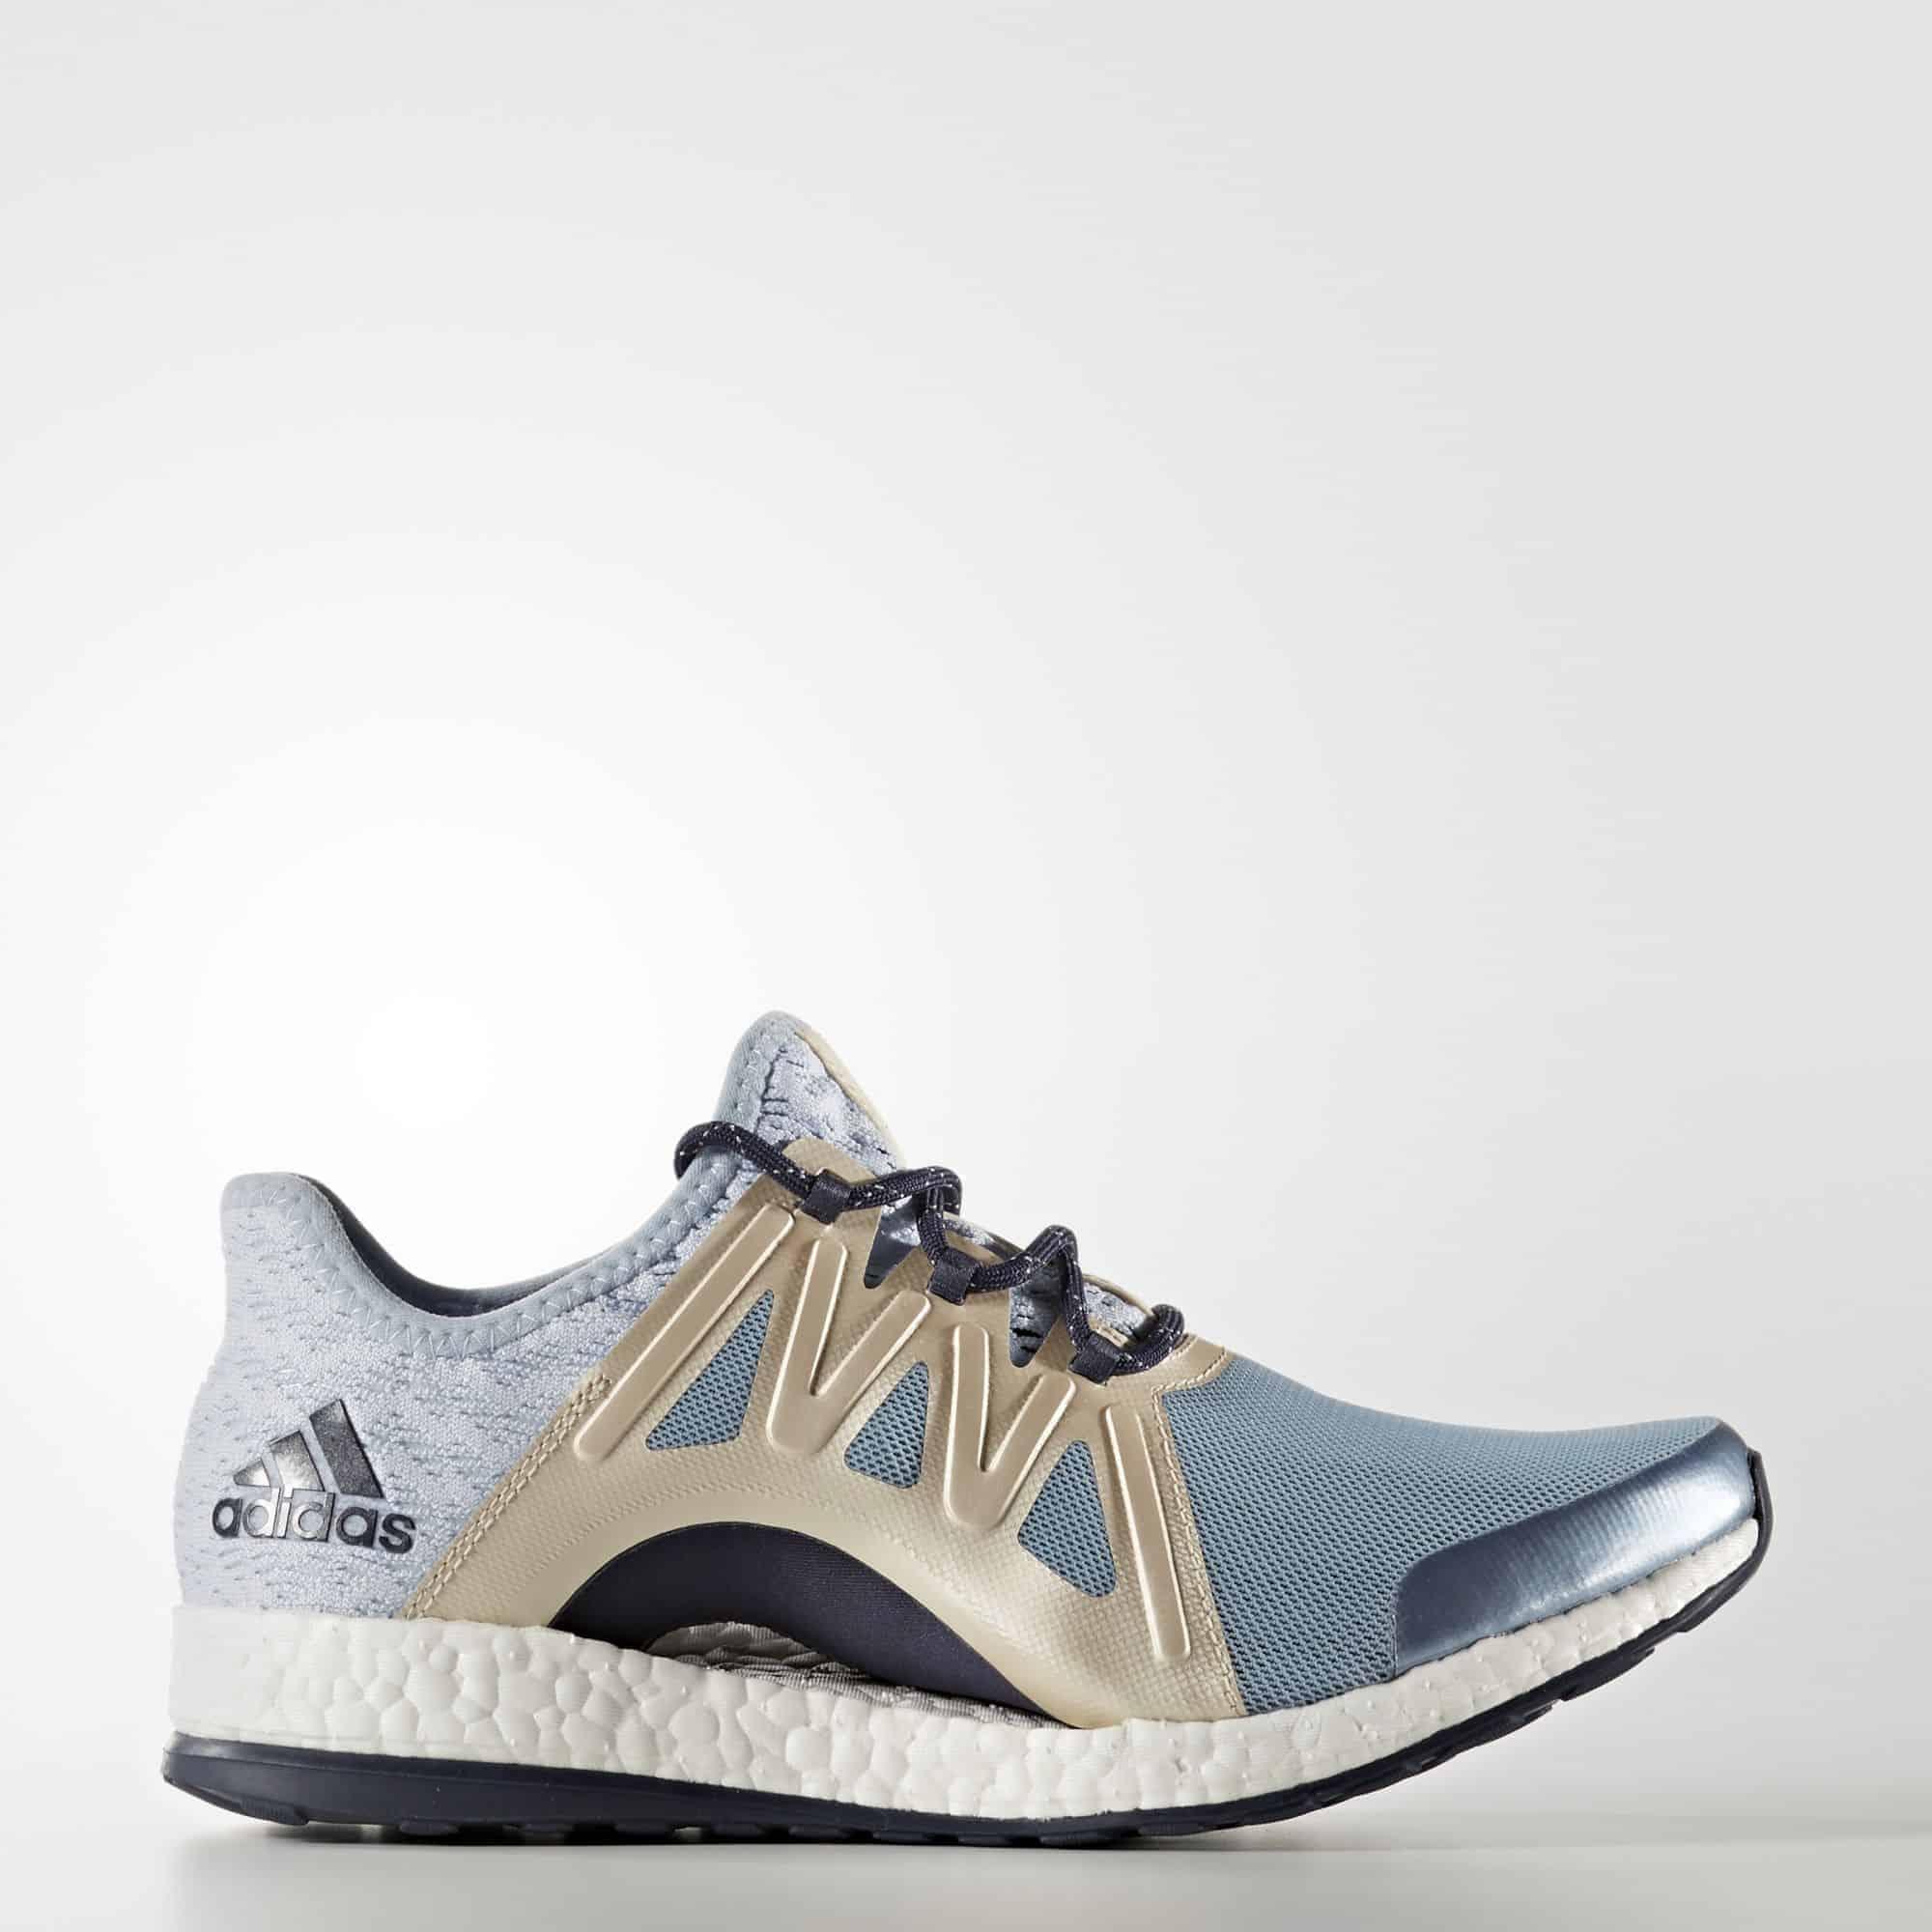 Кроссовки для бега Adidas Pure Boost Xpose Clima женские